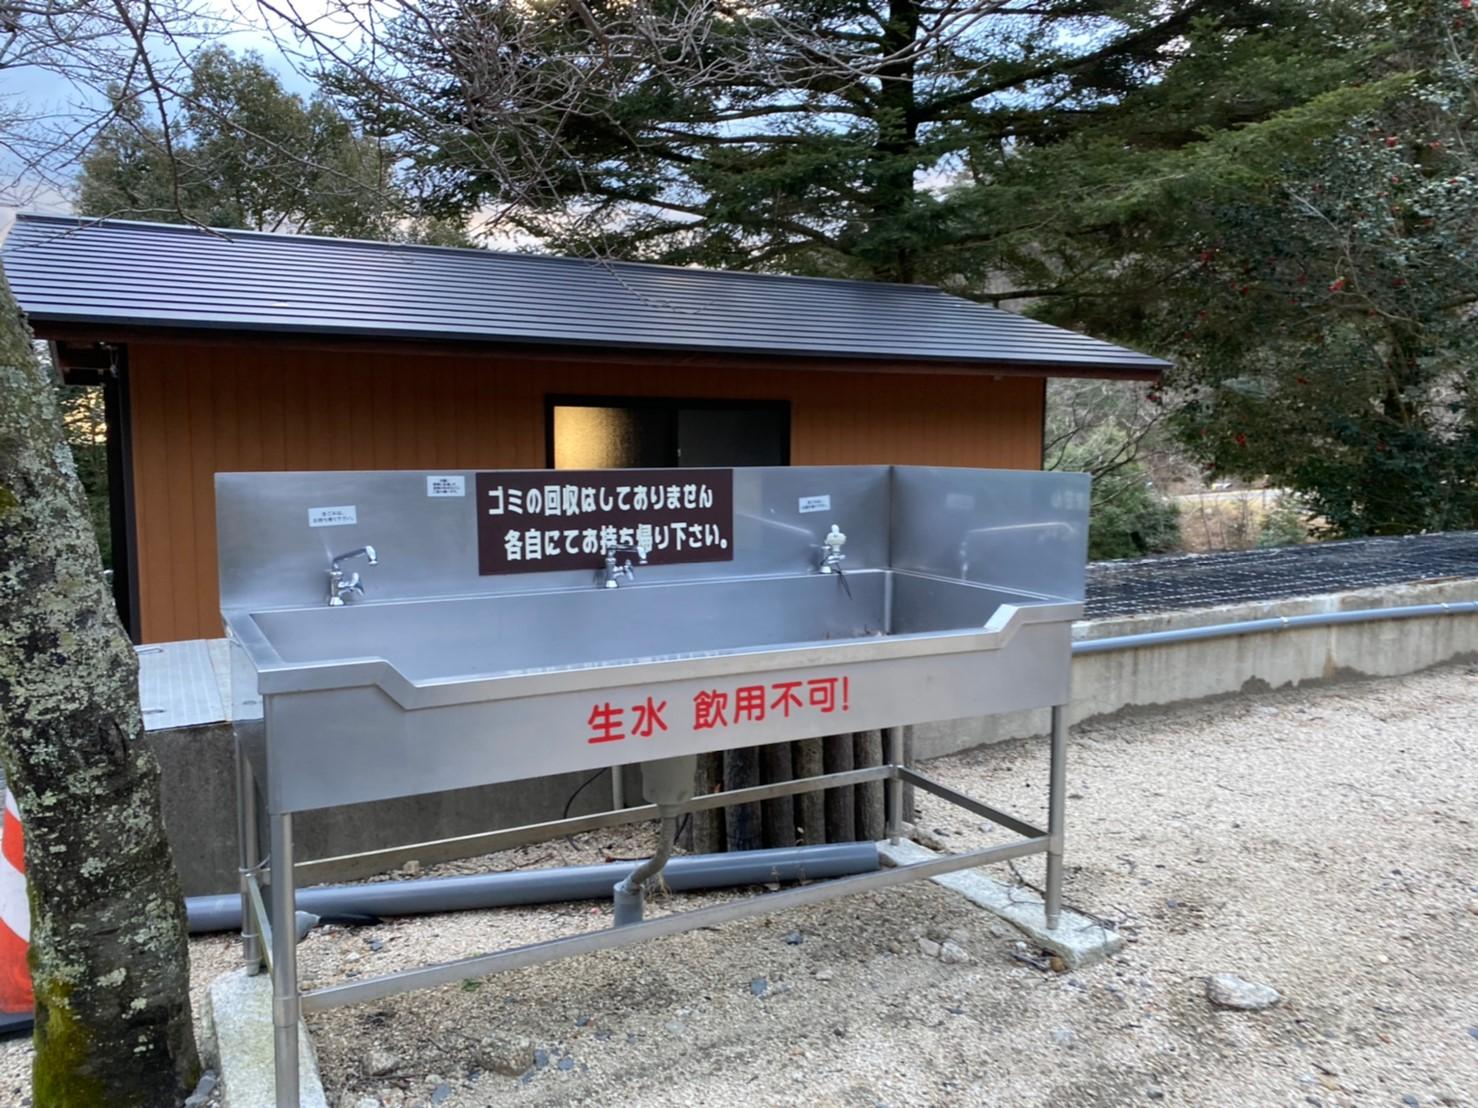 【三重県】『八風キャンプ場:はっぷう』情報まとめ